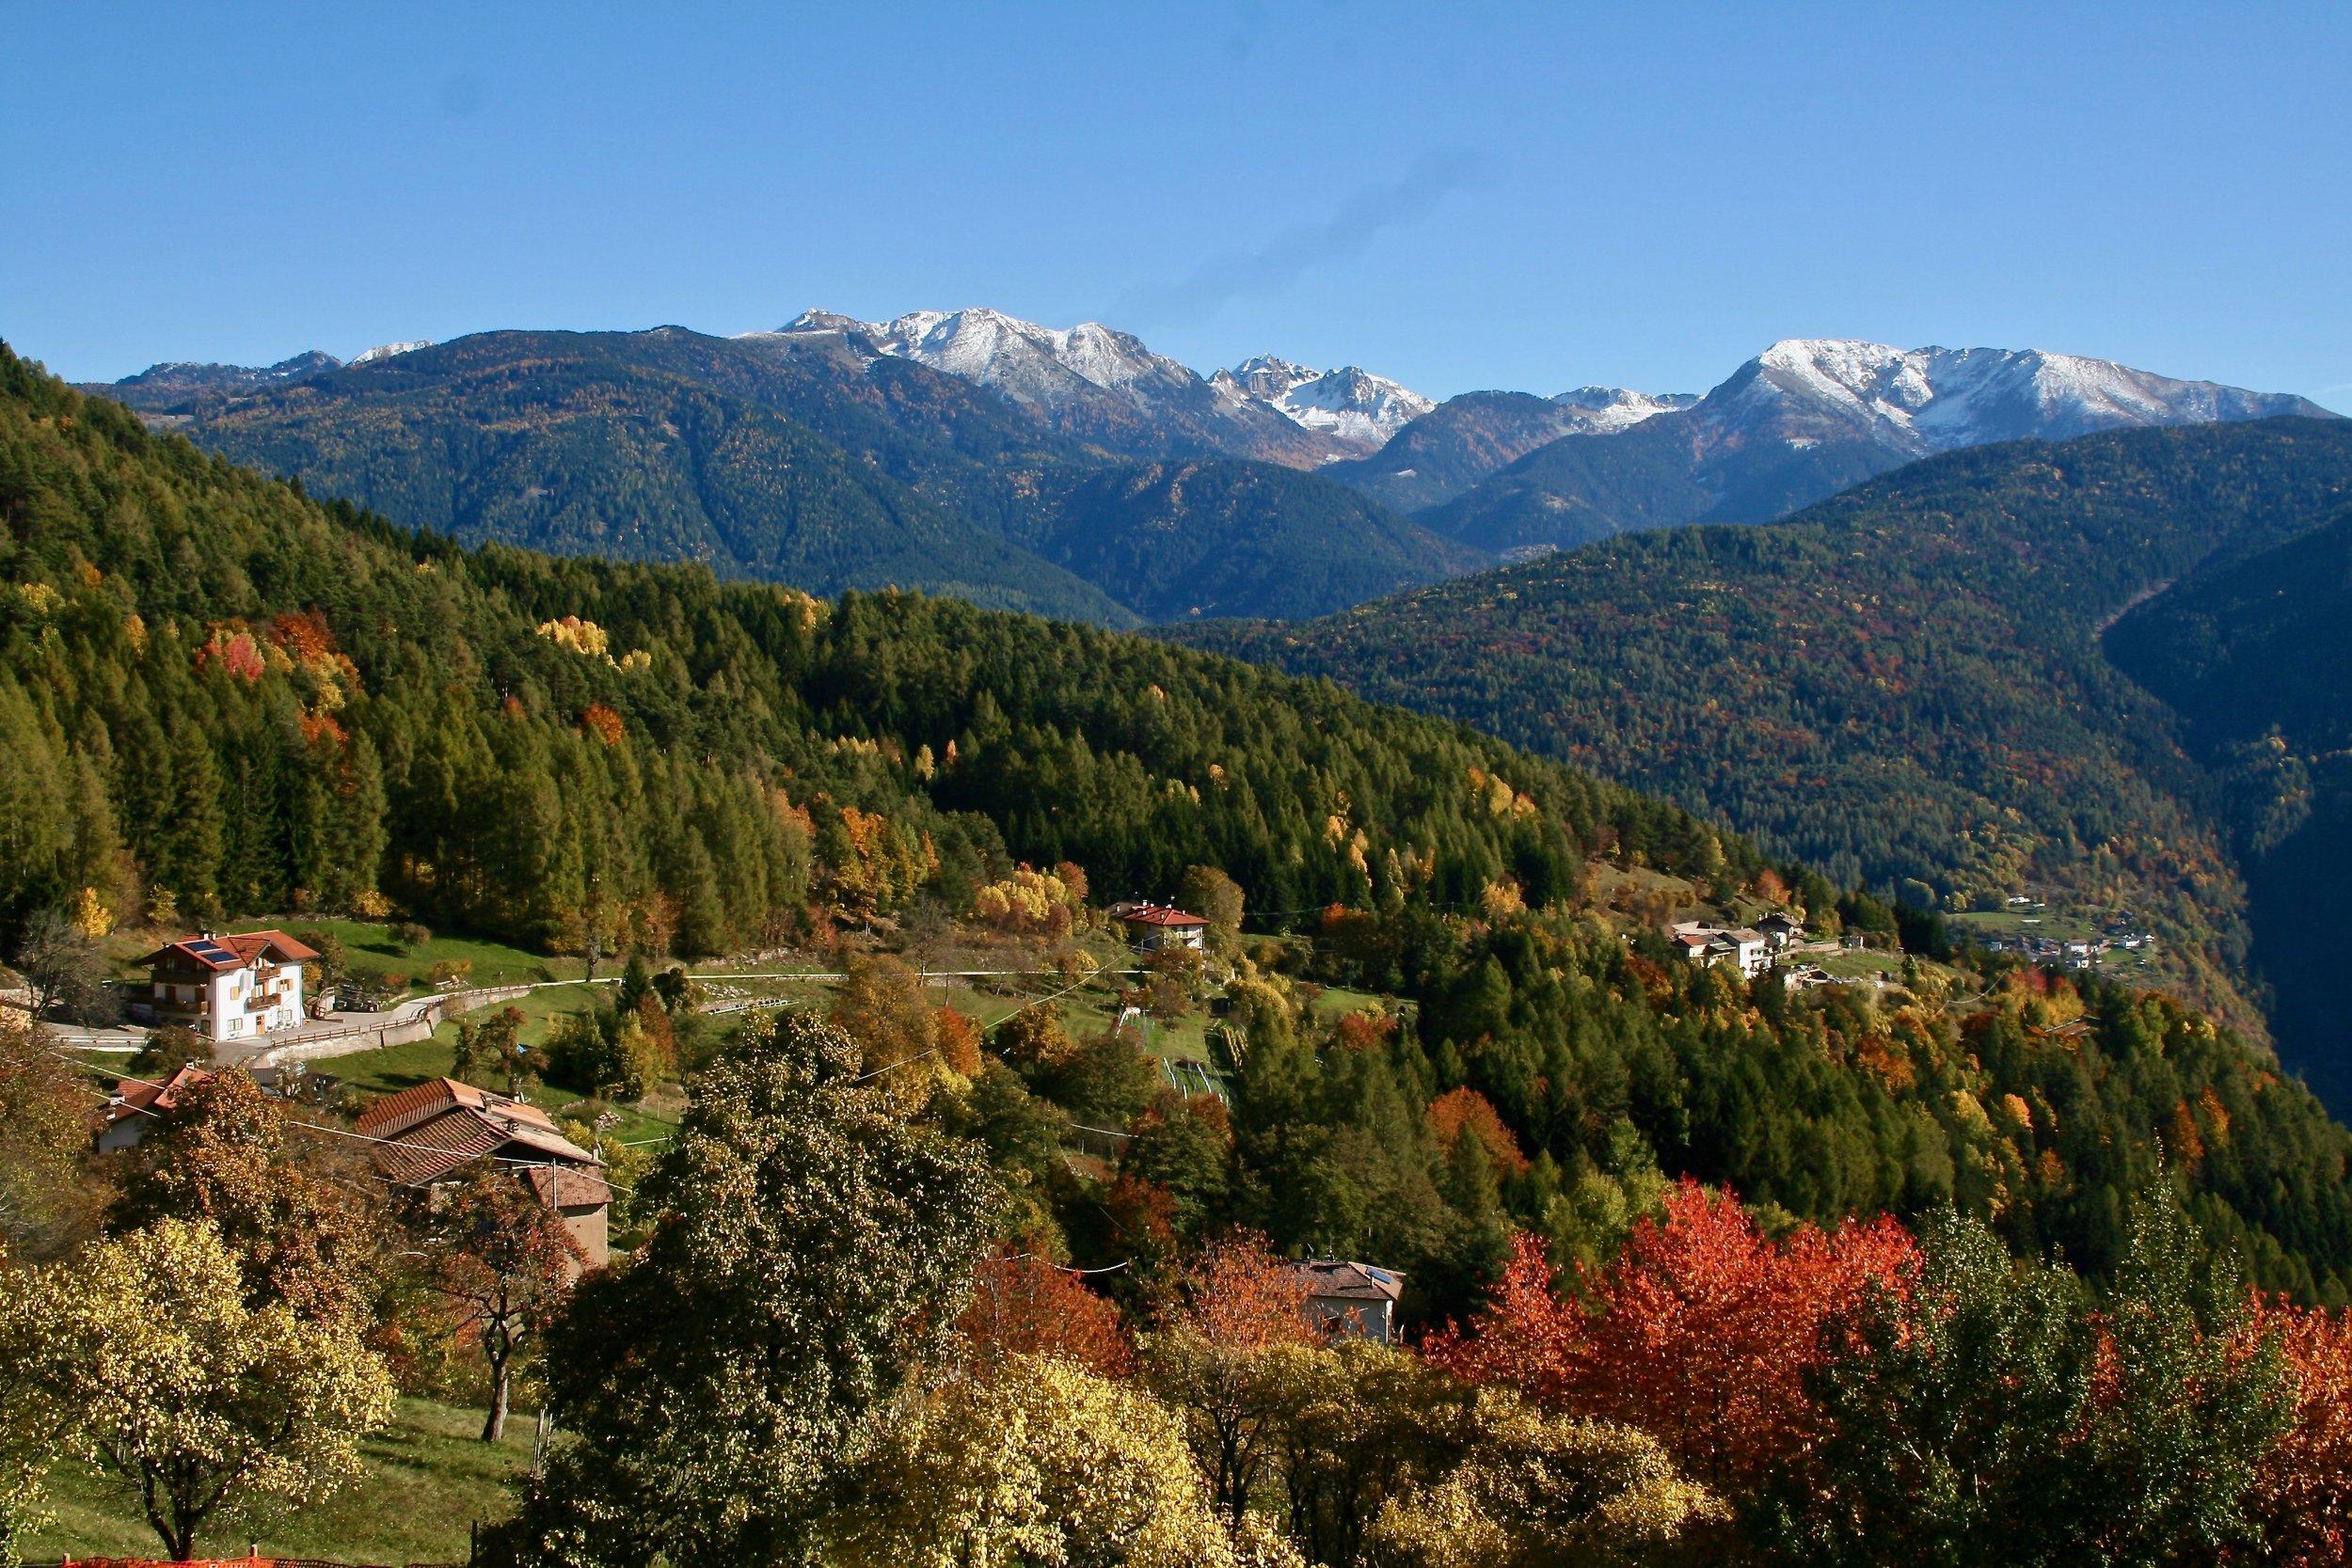 Maso-Zepp-Valle-di-Cembra-Grumes.jpg